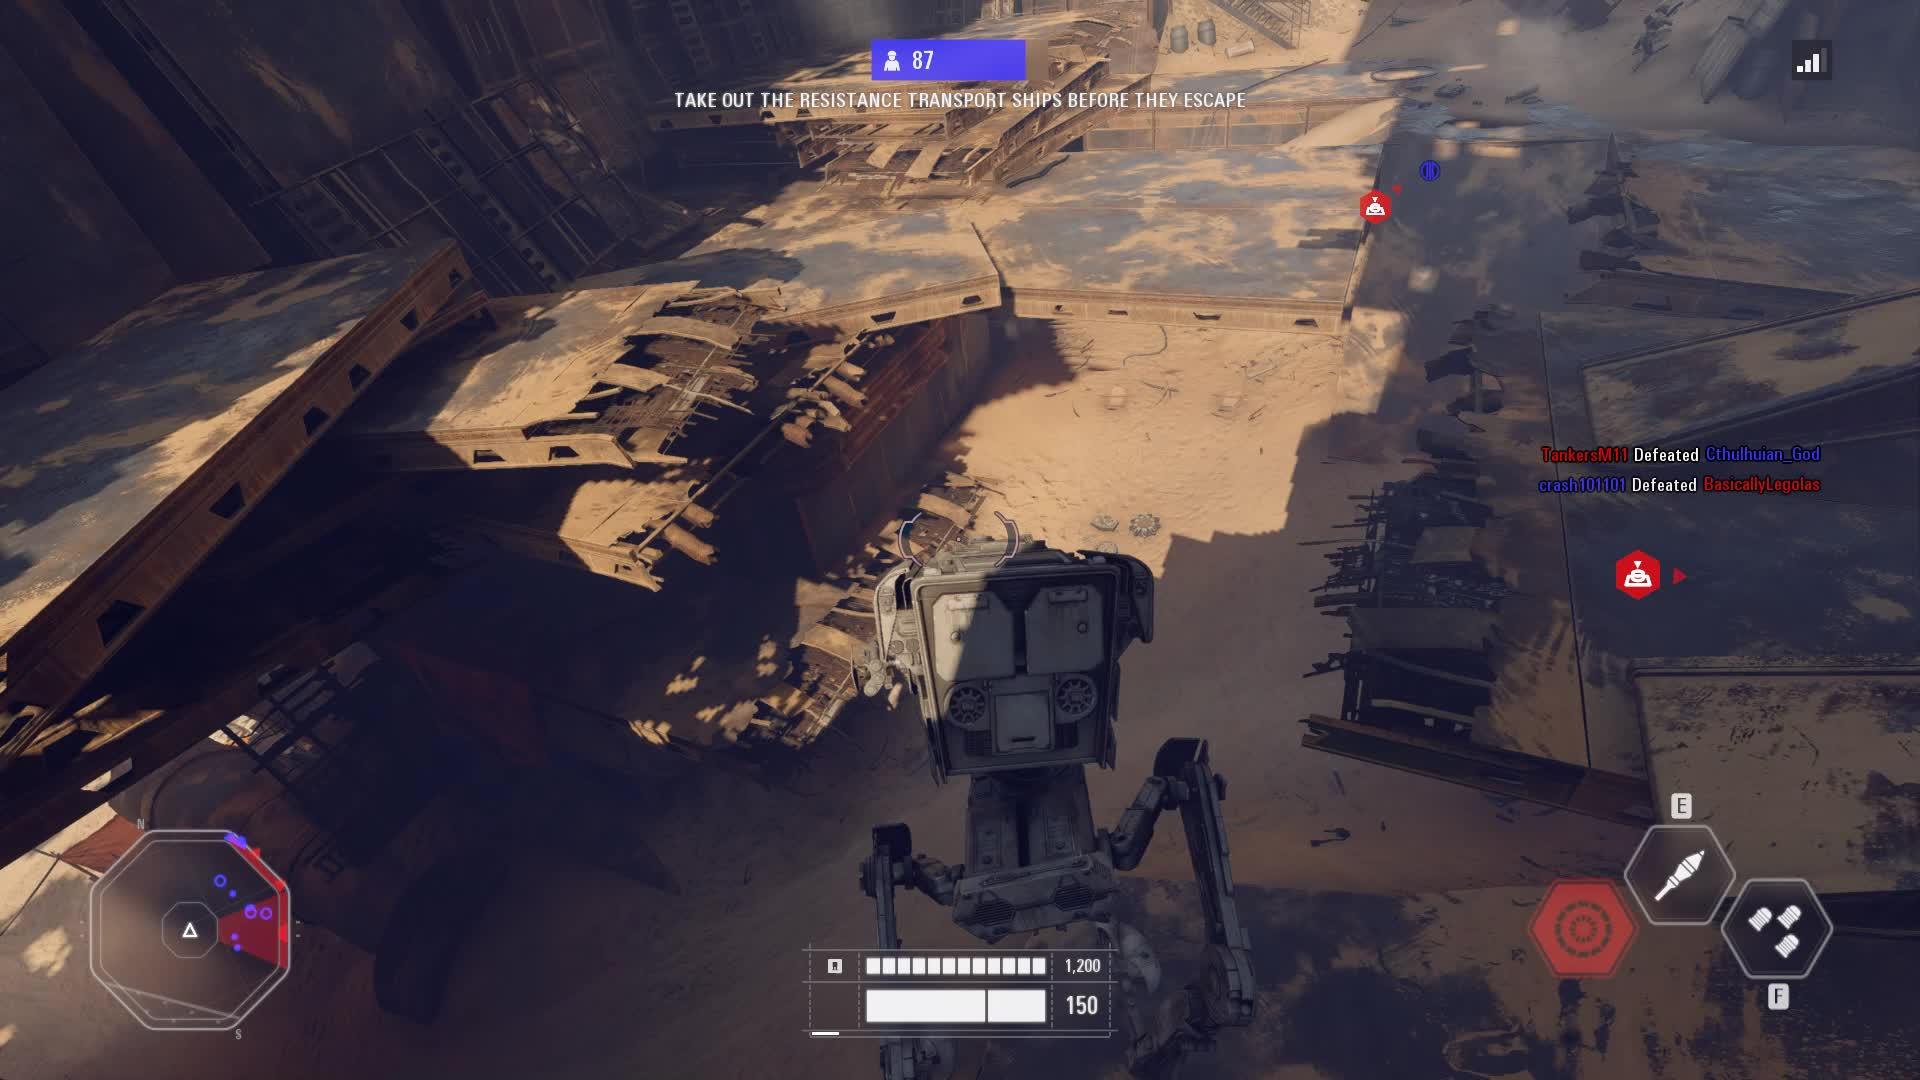 starwarsbattlefront, Star Wars Battlefront II (2017) 2018.10.01 - 21.17.03.07.DVR GIFs